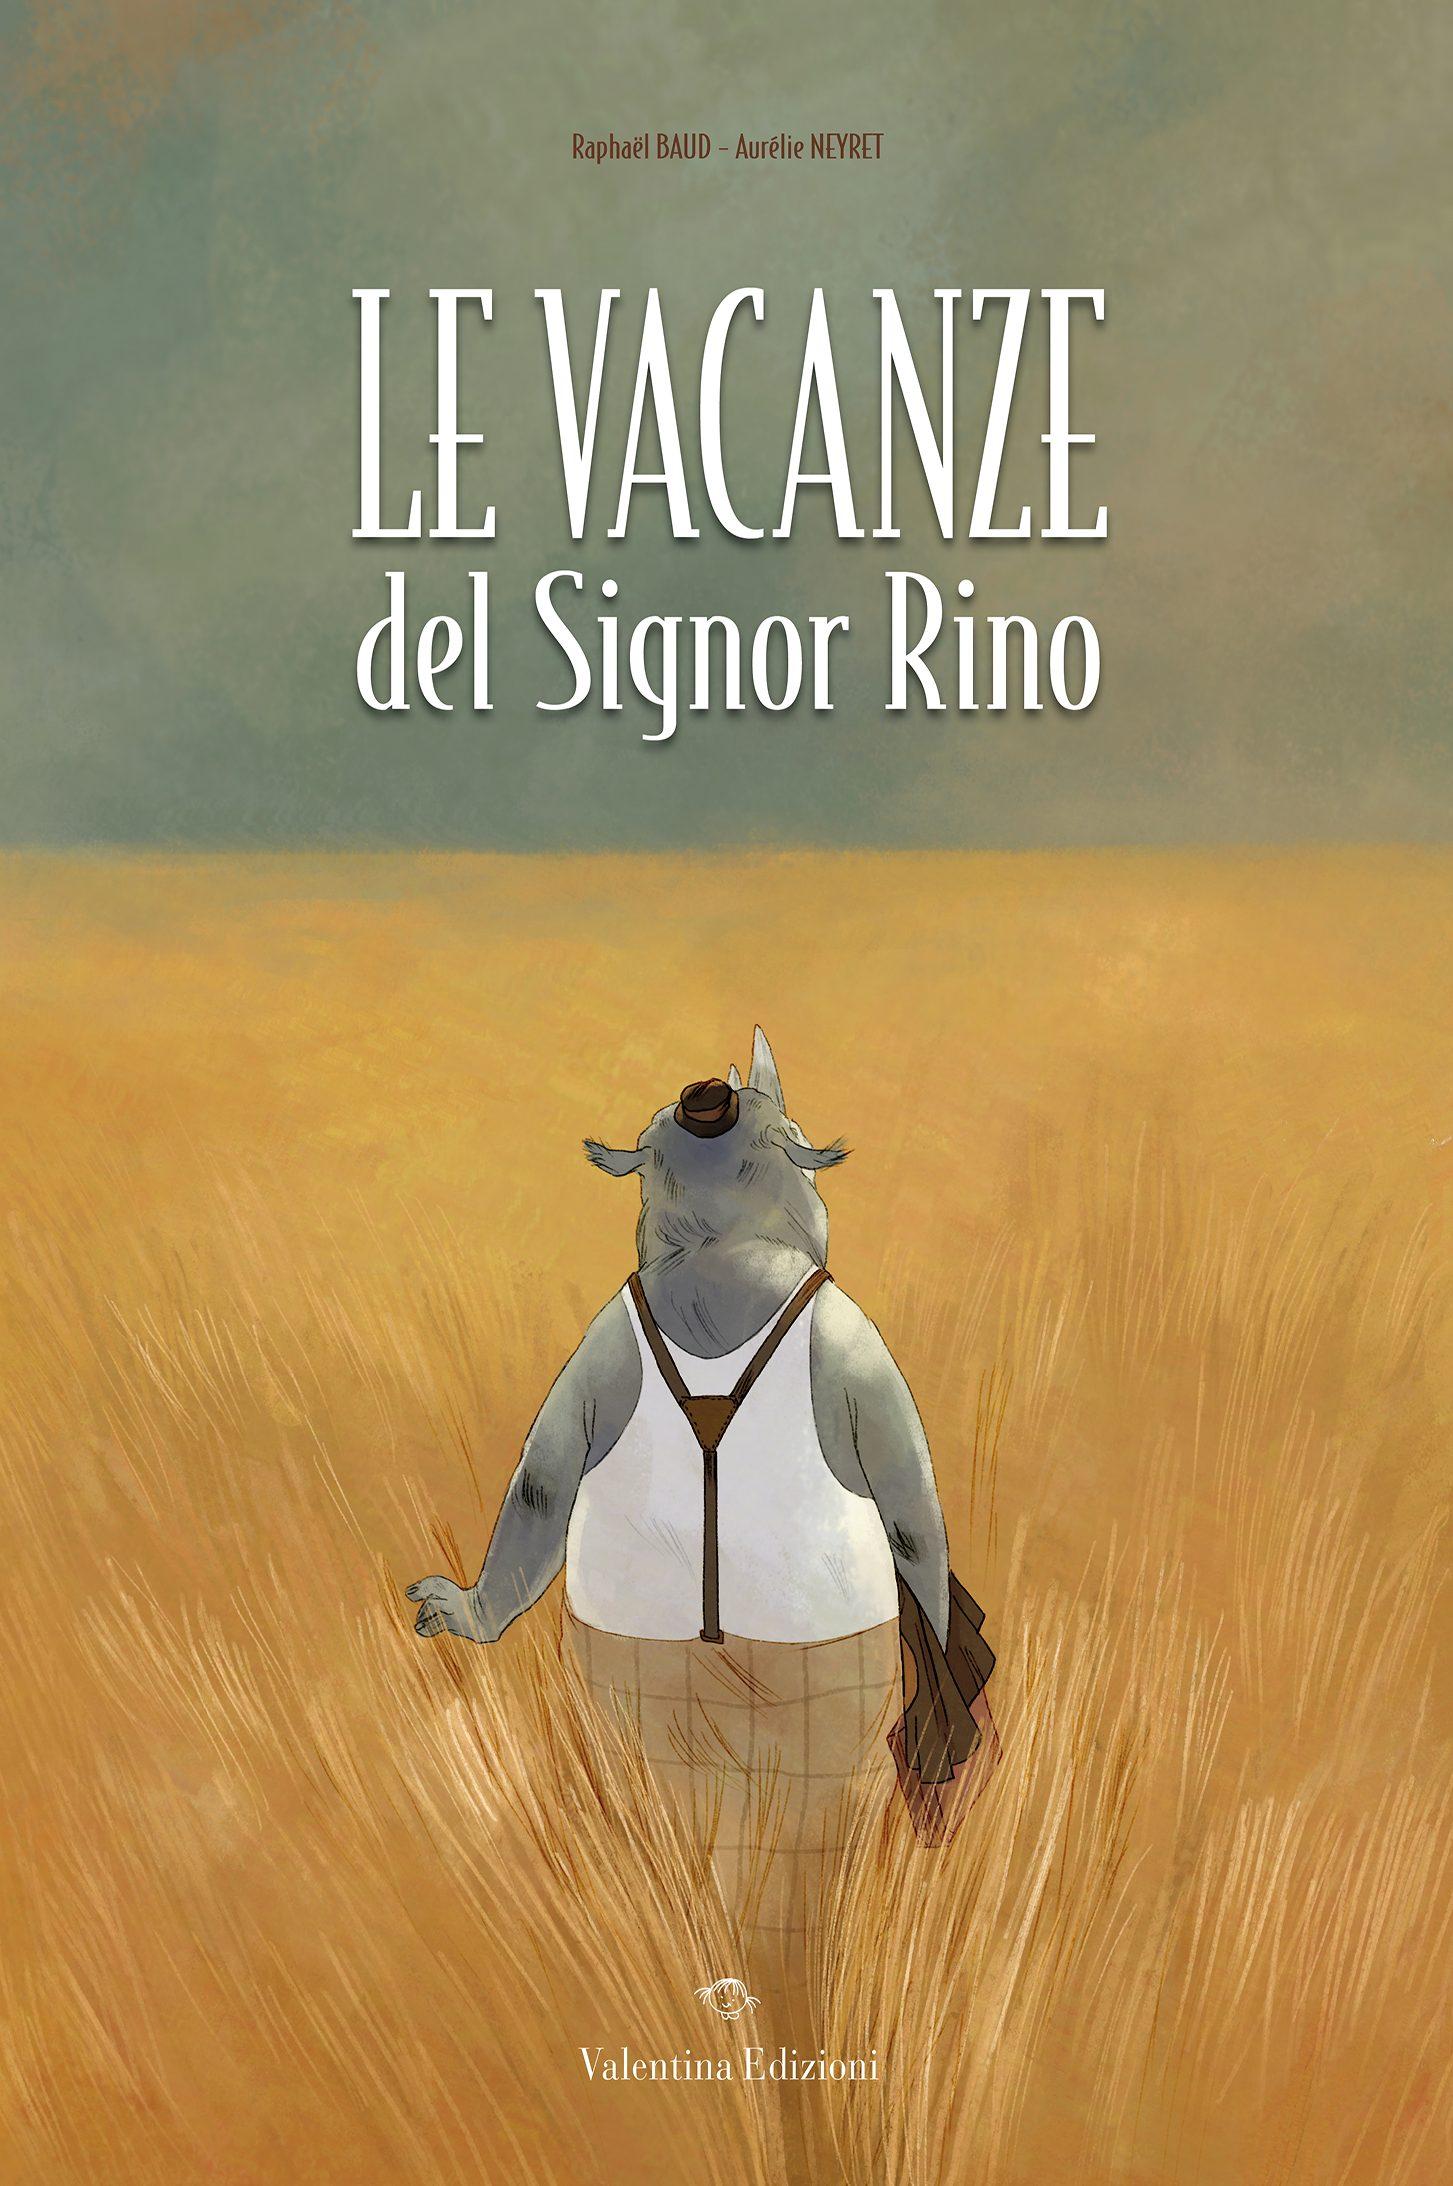 Le_vacanze_del_Signor_Rino